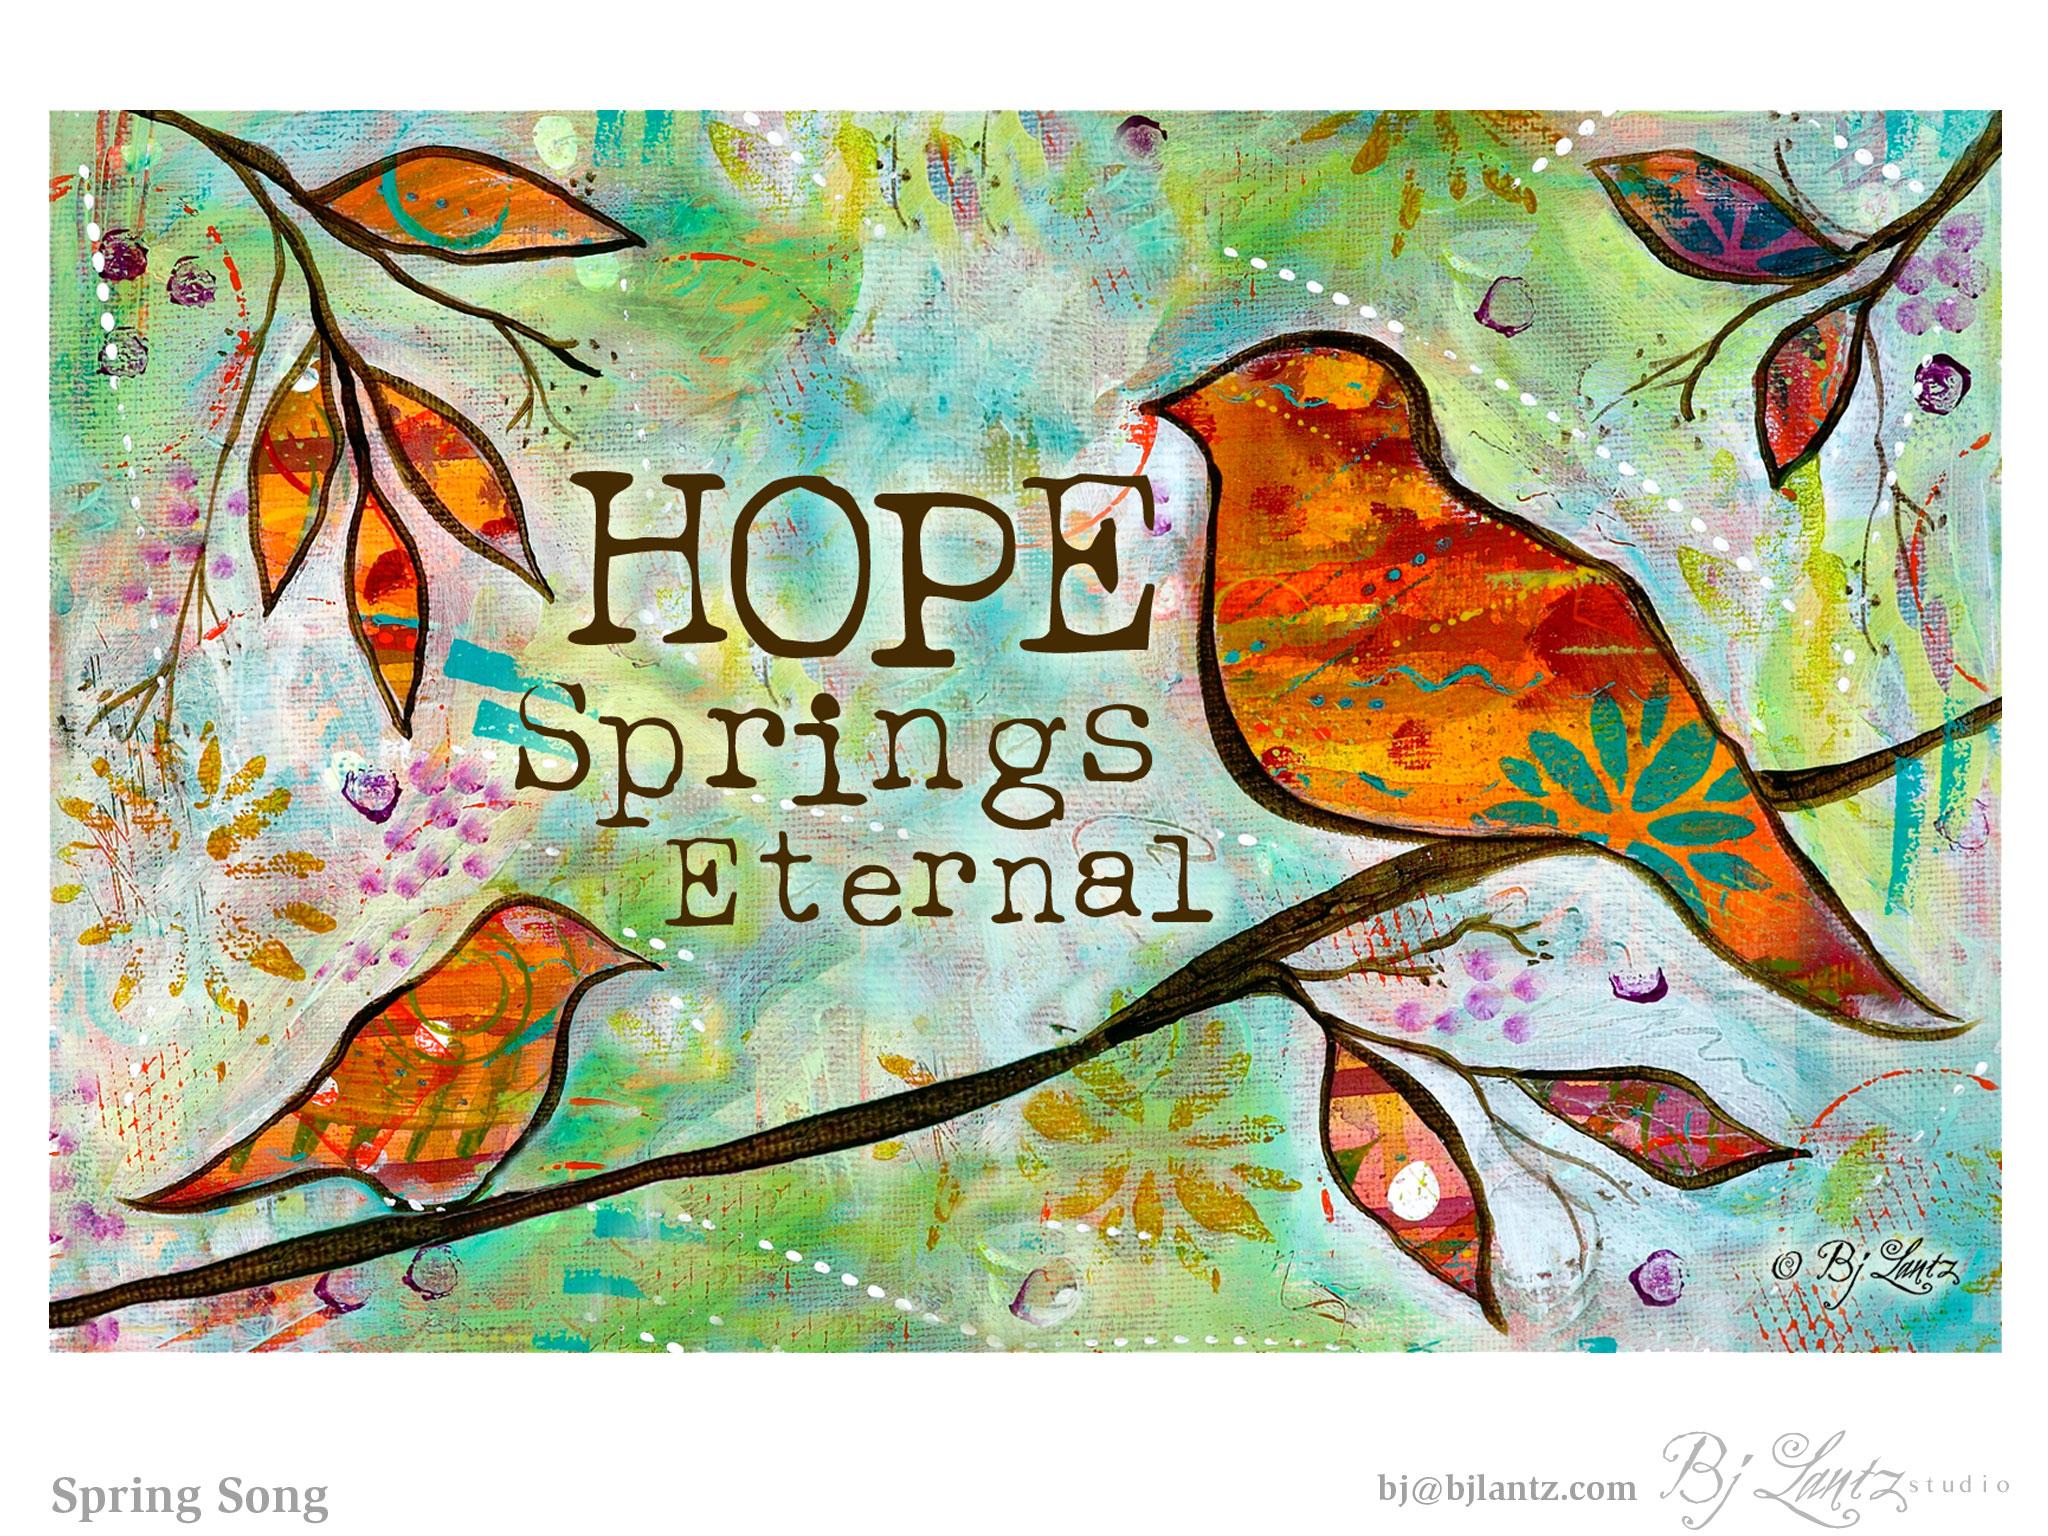 SpringSong_BJ-Lantz_5.jpg